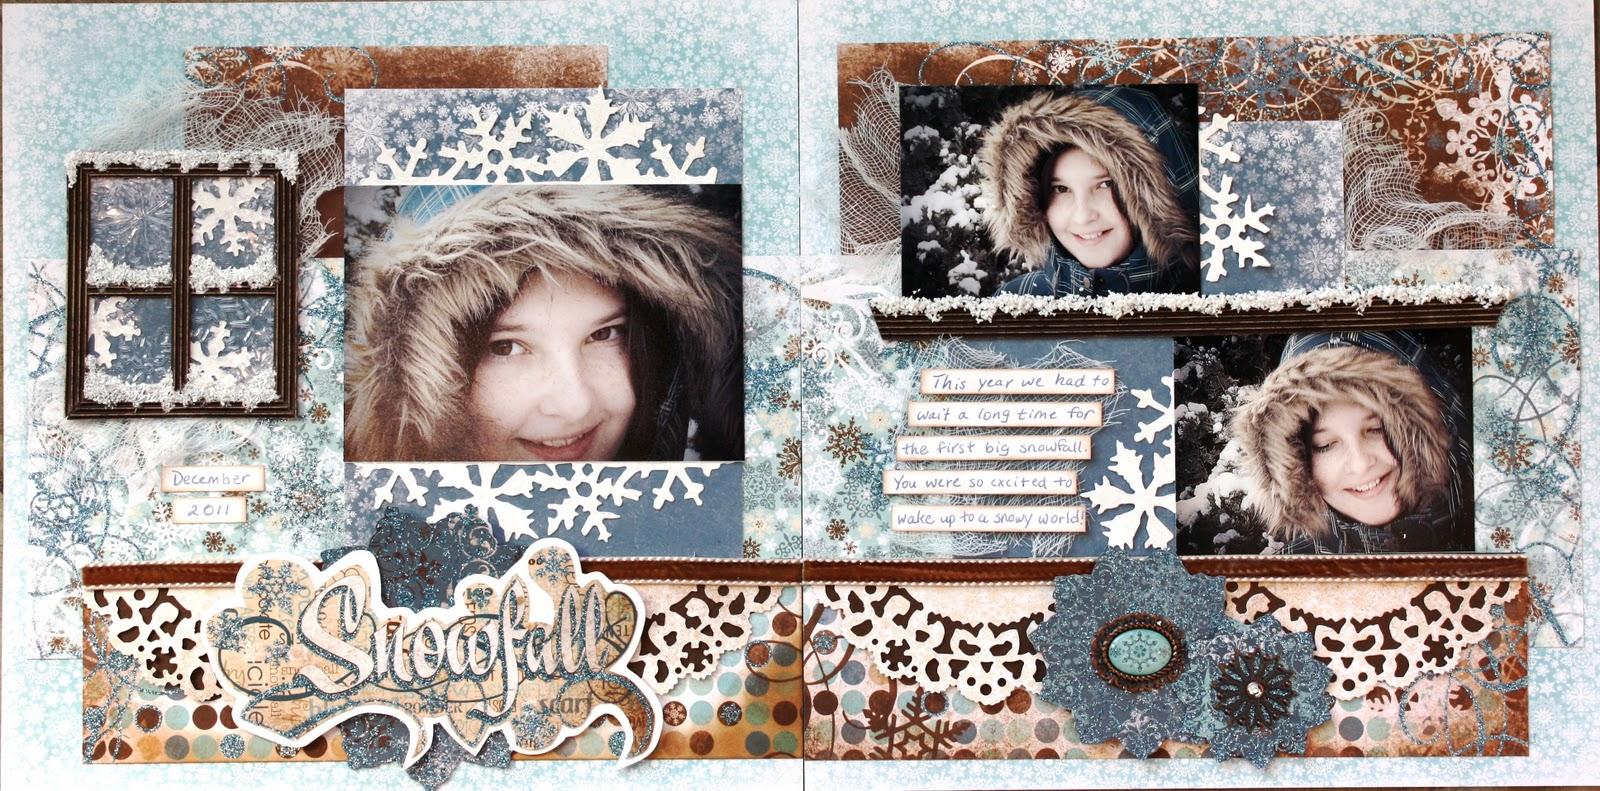 http://2.bp.blogspot.com/-DQvixlsPkew/TxopJ1xw9gI/AAAAAAAAAns/0bwrlVCATbs/s1600/Snowfall+2pager.jpg